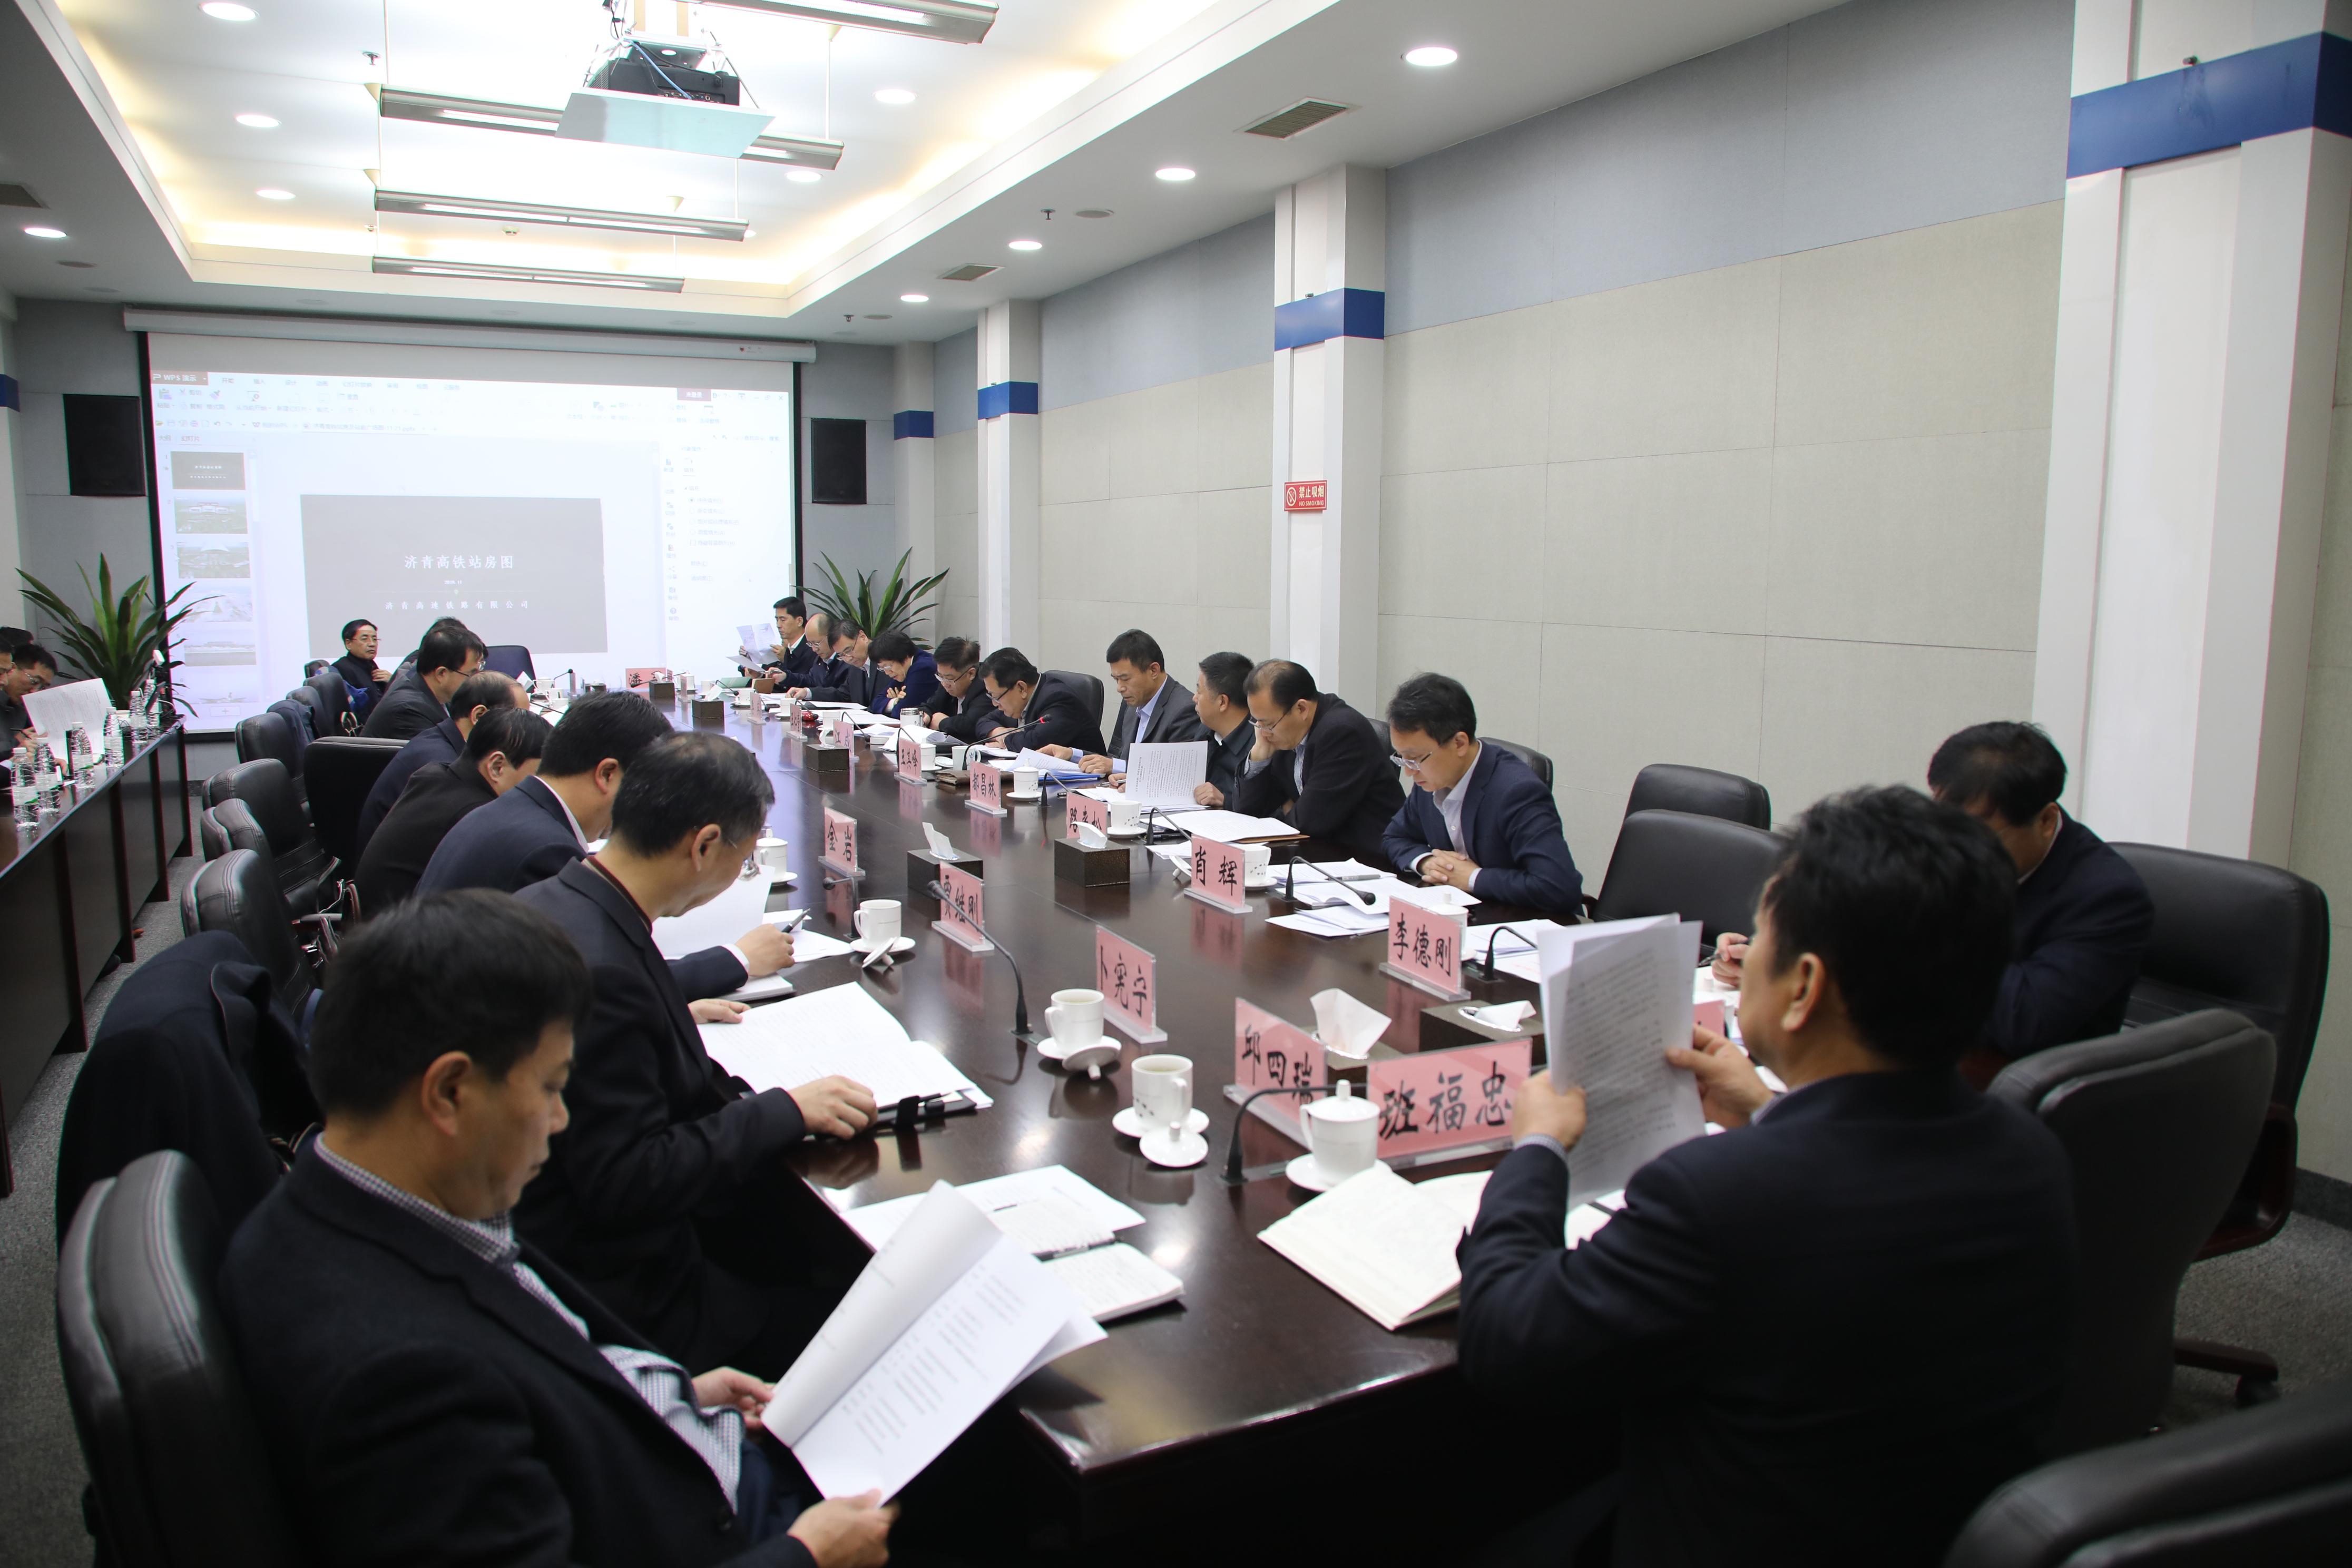 山东召开济青高铁青连铁路协调推进会议 确保年底前顺利通车